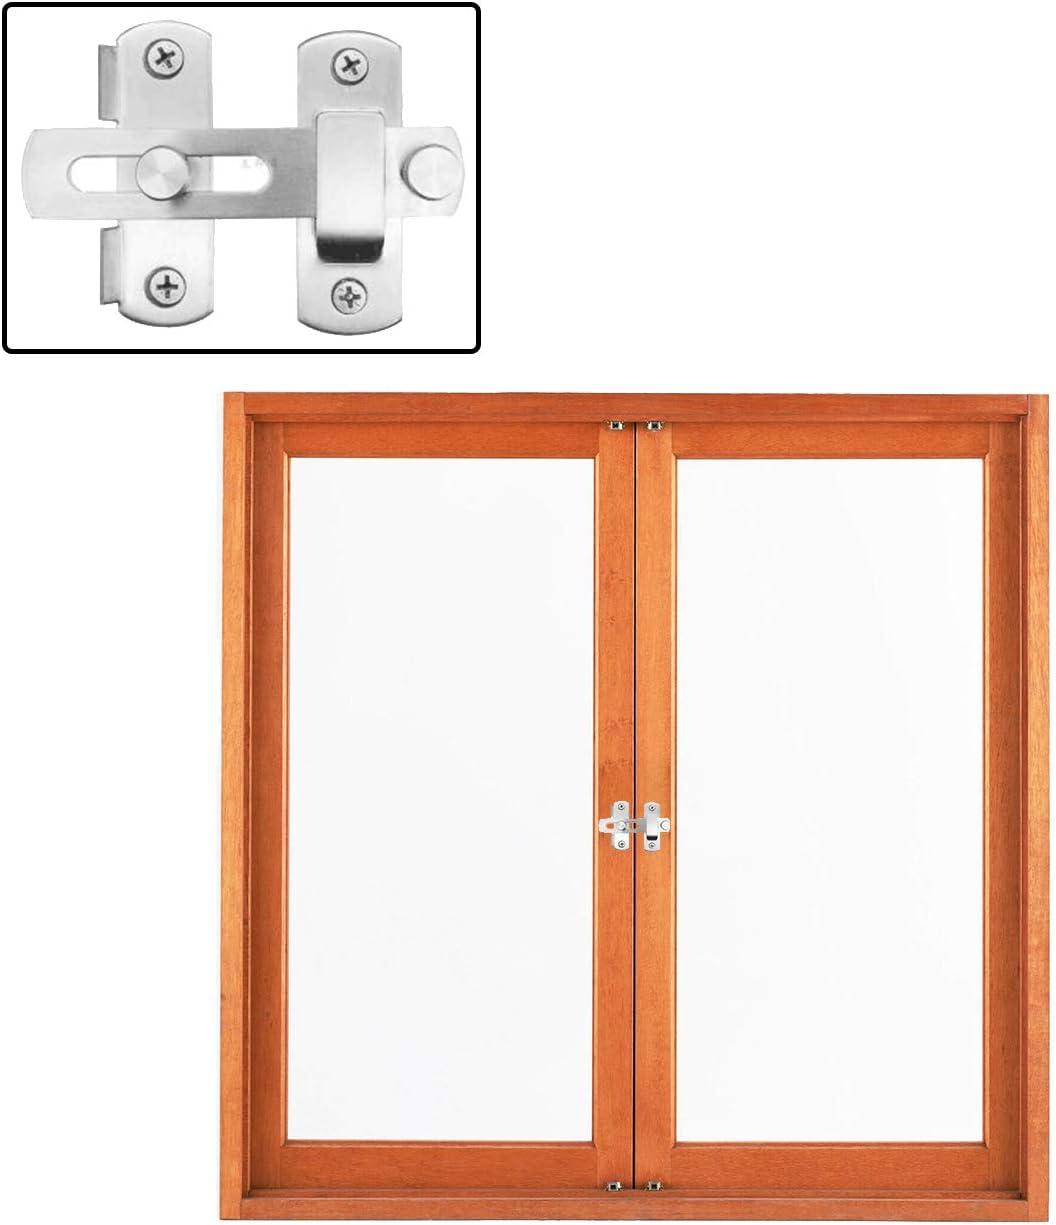 T/ür und Fensterschloss Silber Sicherheitsschutz Diebstahlsicheres Verdicktes T/ürschloss T/ürriegel aus Edelstahl 180/°